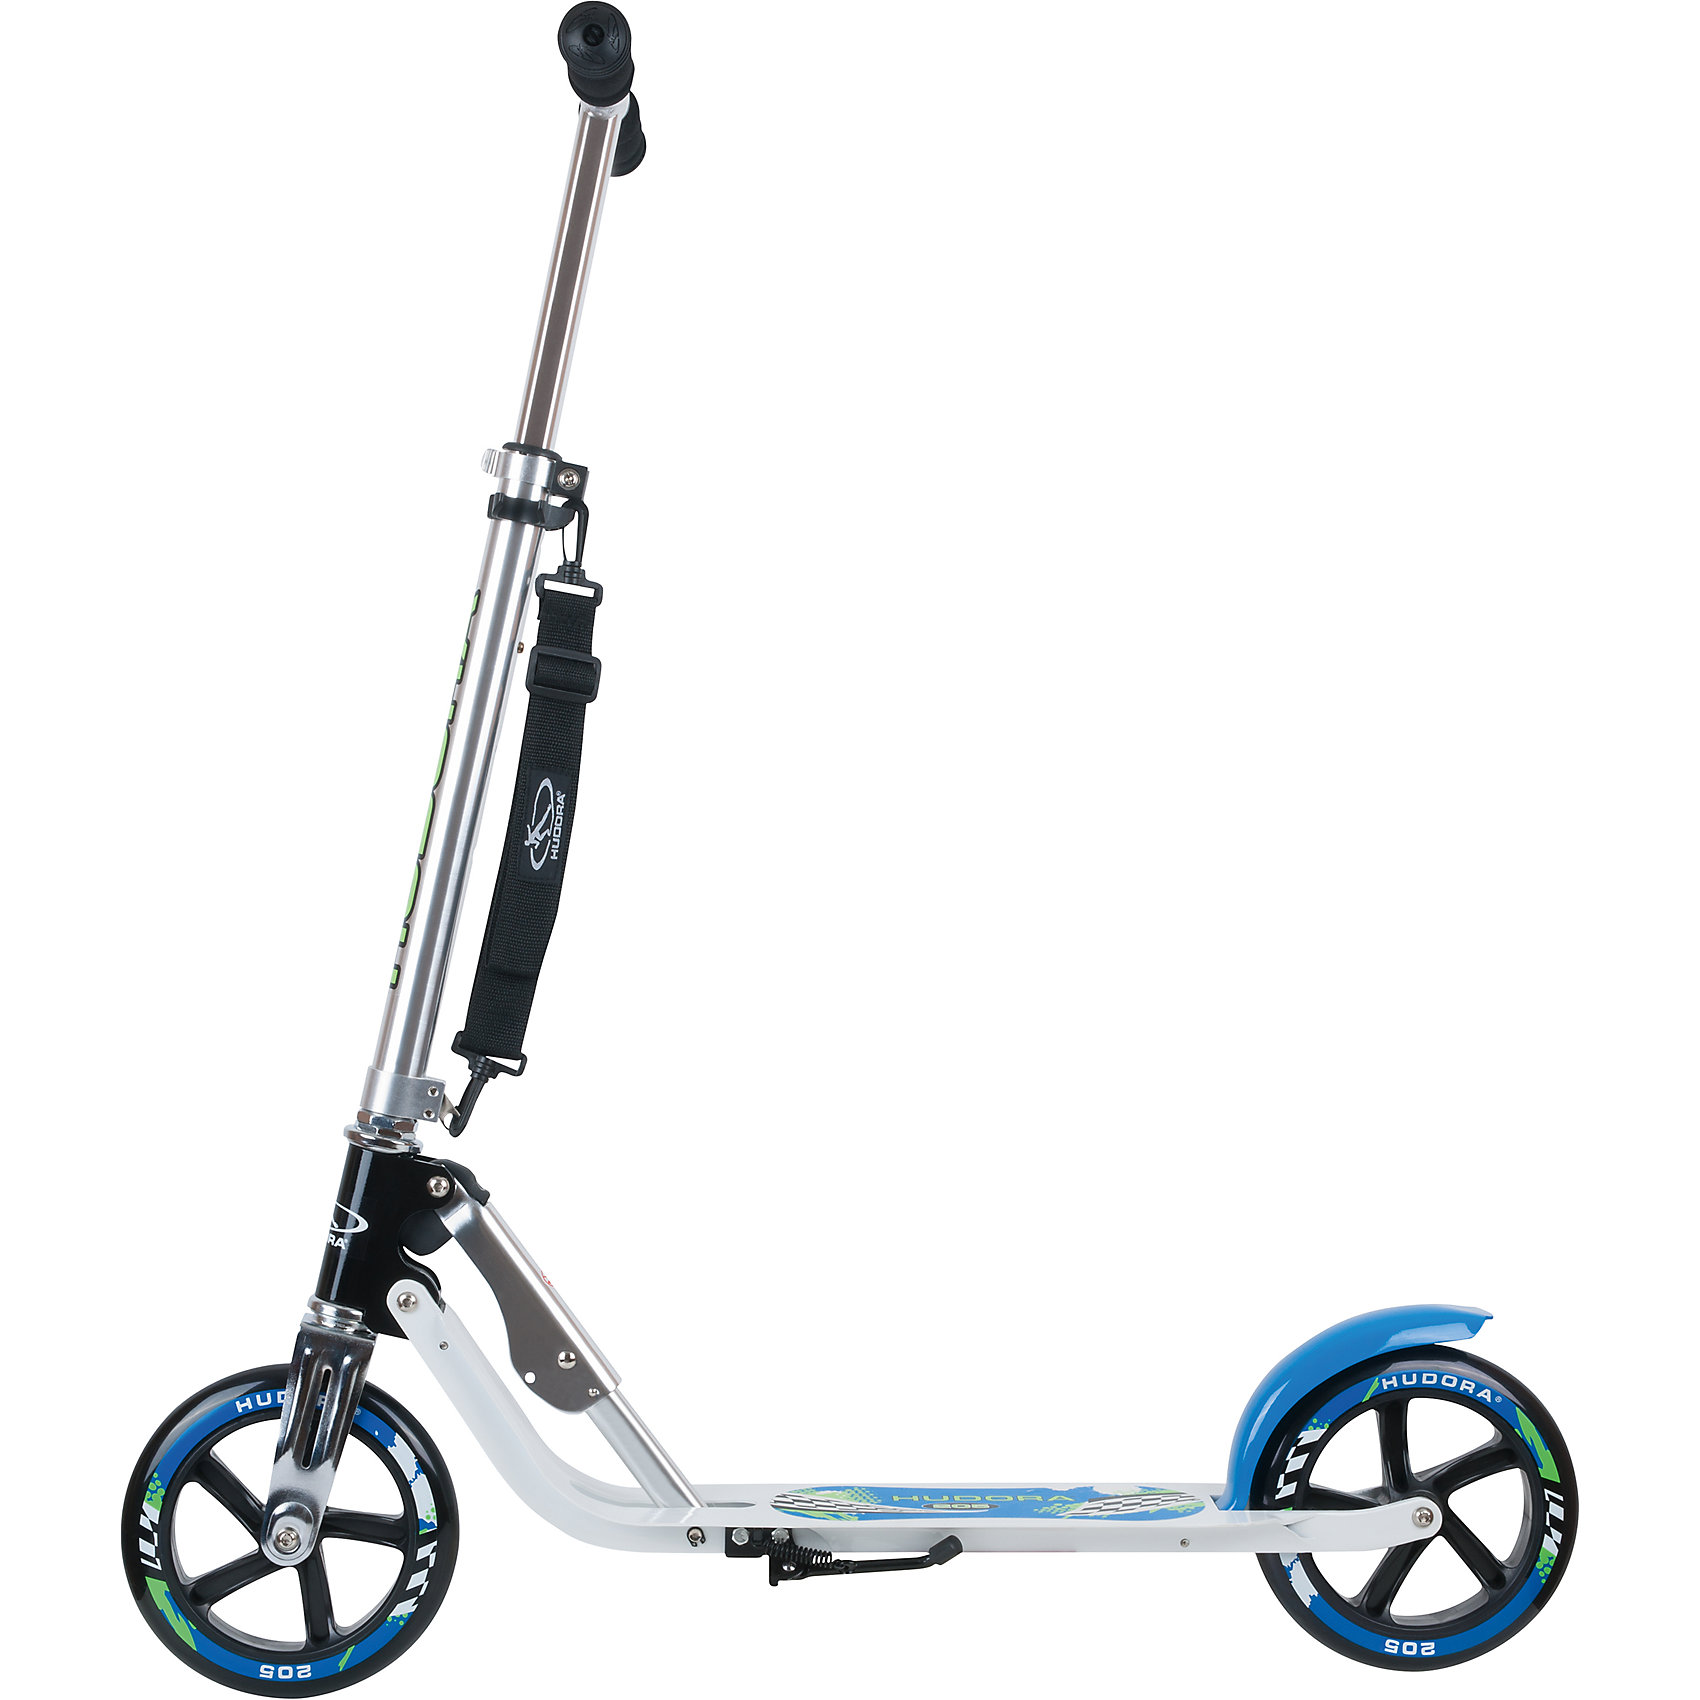 Indexbild 6 - Neu Hudora Scooter Big Wheel 205 mm, pink/schwarz 6071773 pink blau